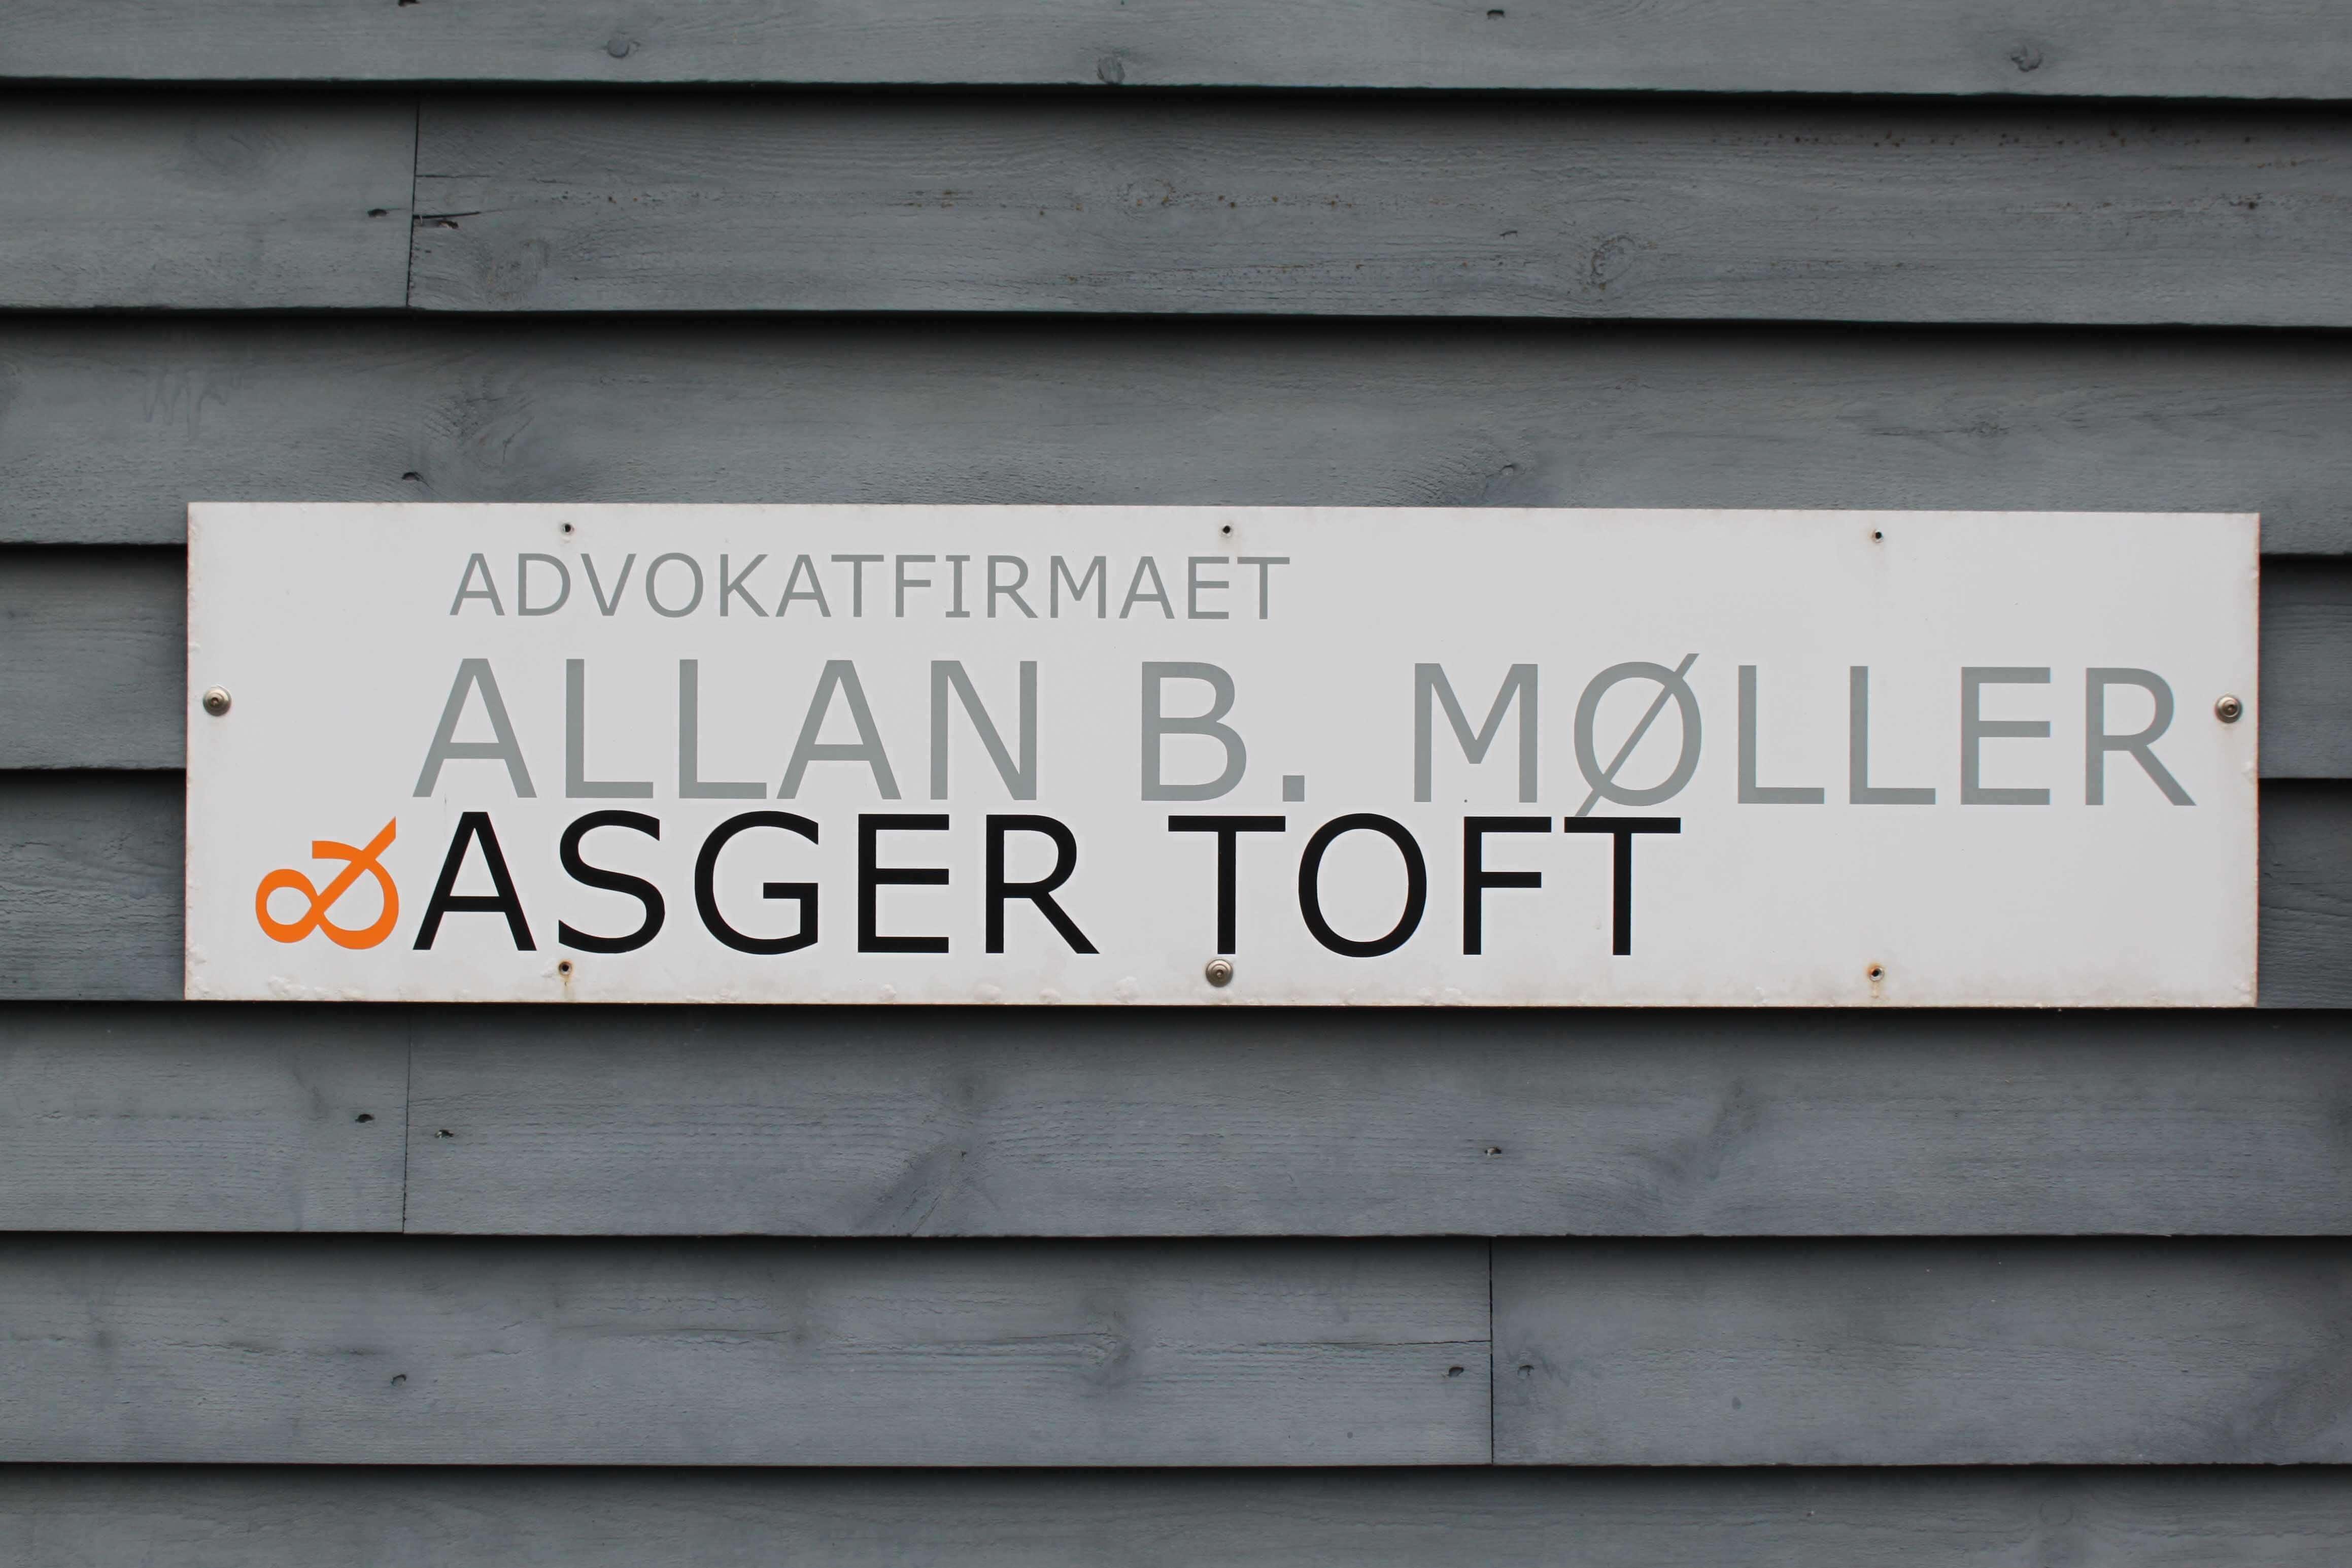 Advokatfirmaet Allan B. Møller & Asger Tofts arbejdsområder omfatter både private og erhvervs kunder